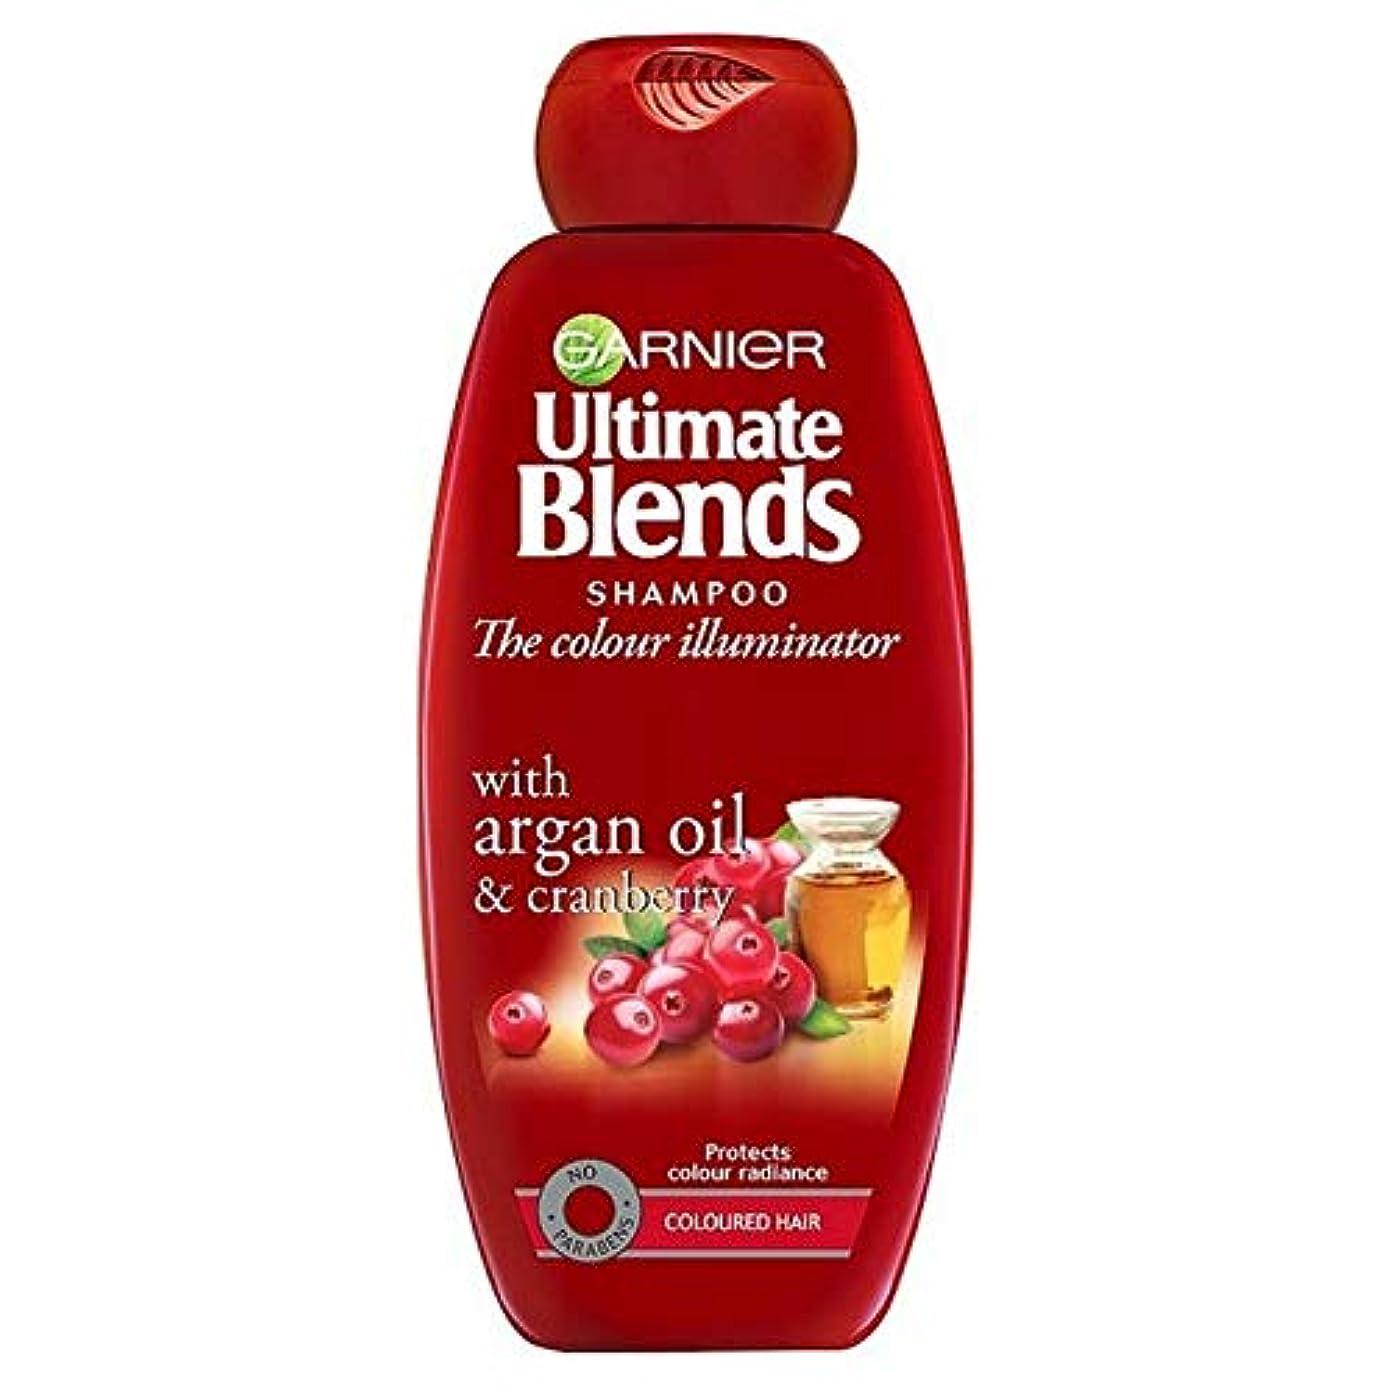 デッキ所有者人道的[Garnier ] ガルニエ究極は、アルガンオイル色の髪のシャンプー360ミリリットルをブレンド - Garnier Ultimate Blends Argan Oil Coloured Hair Shampoo 360ml [並行輸入品]